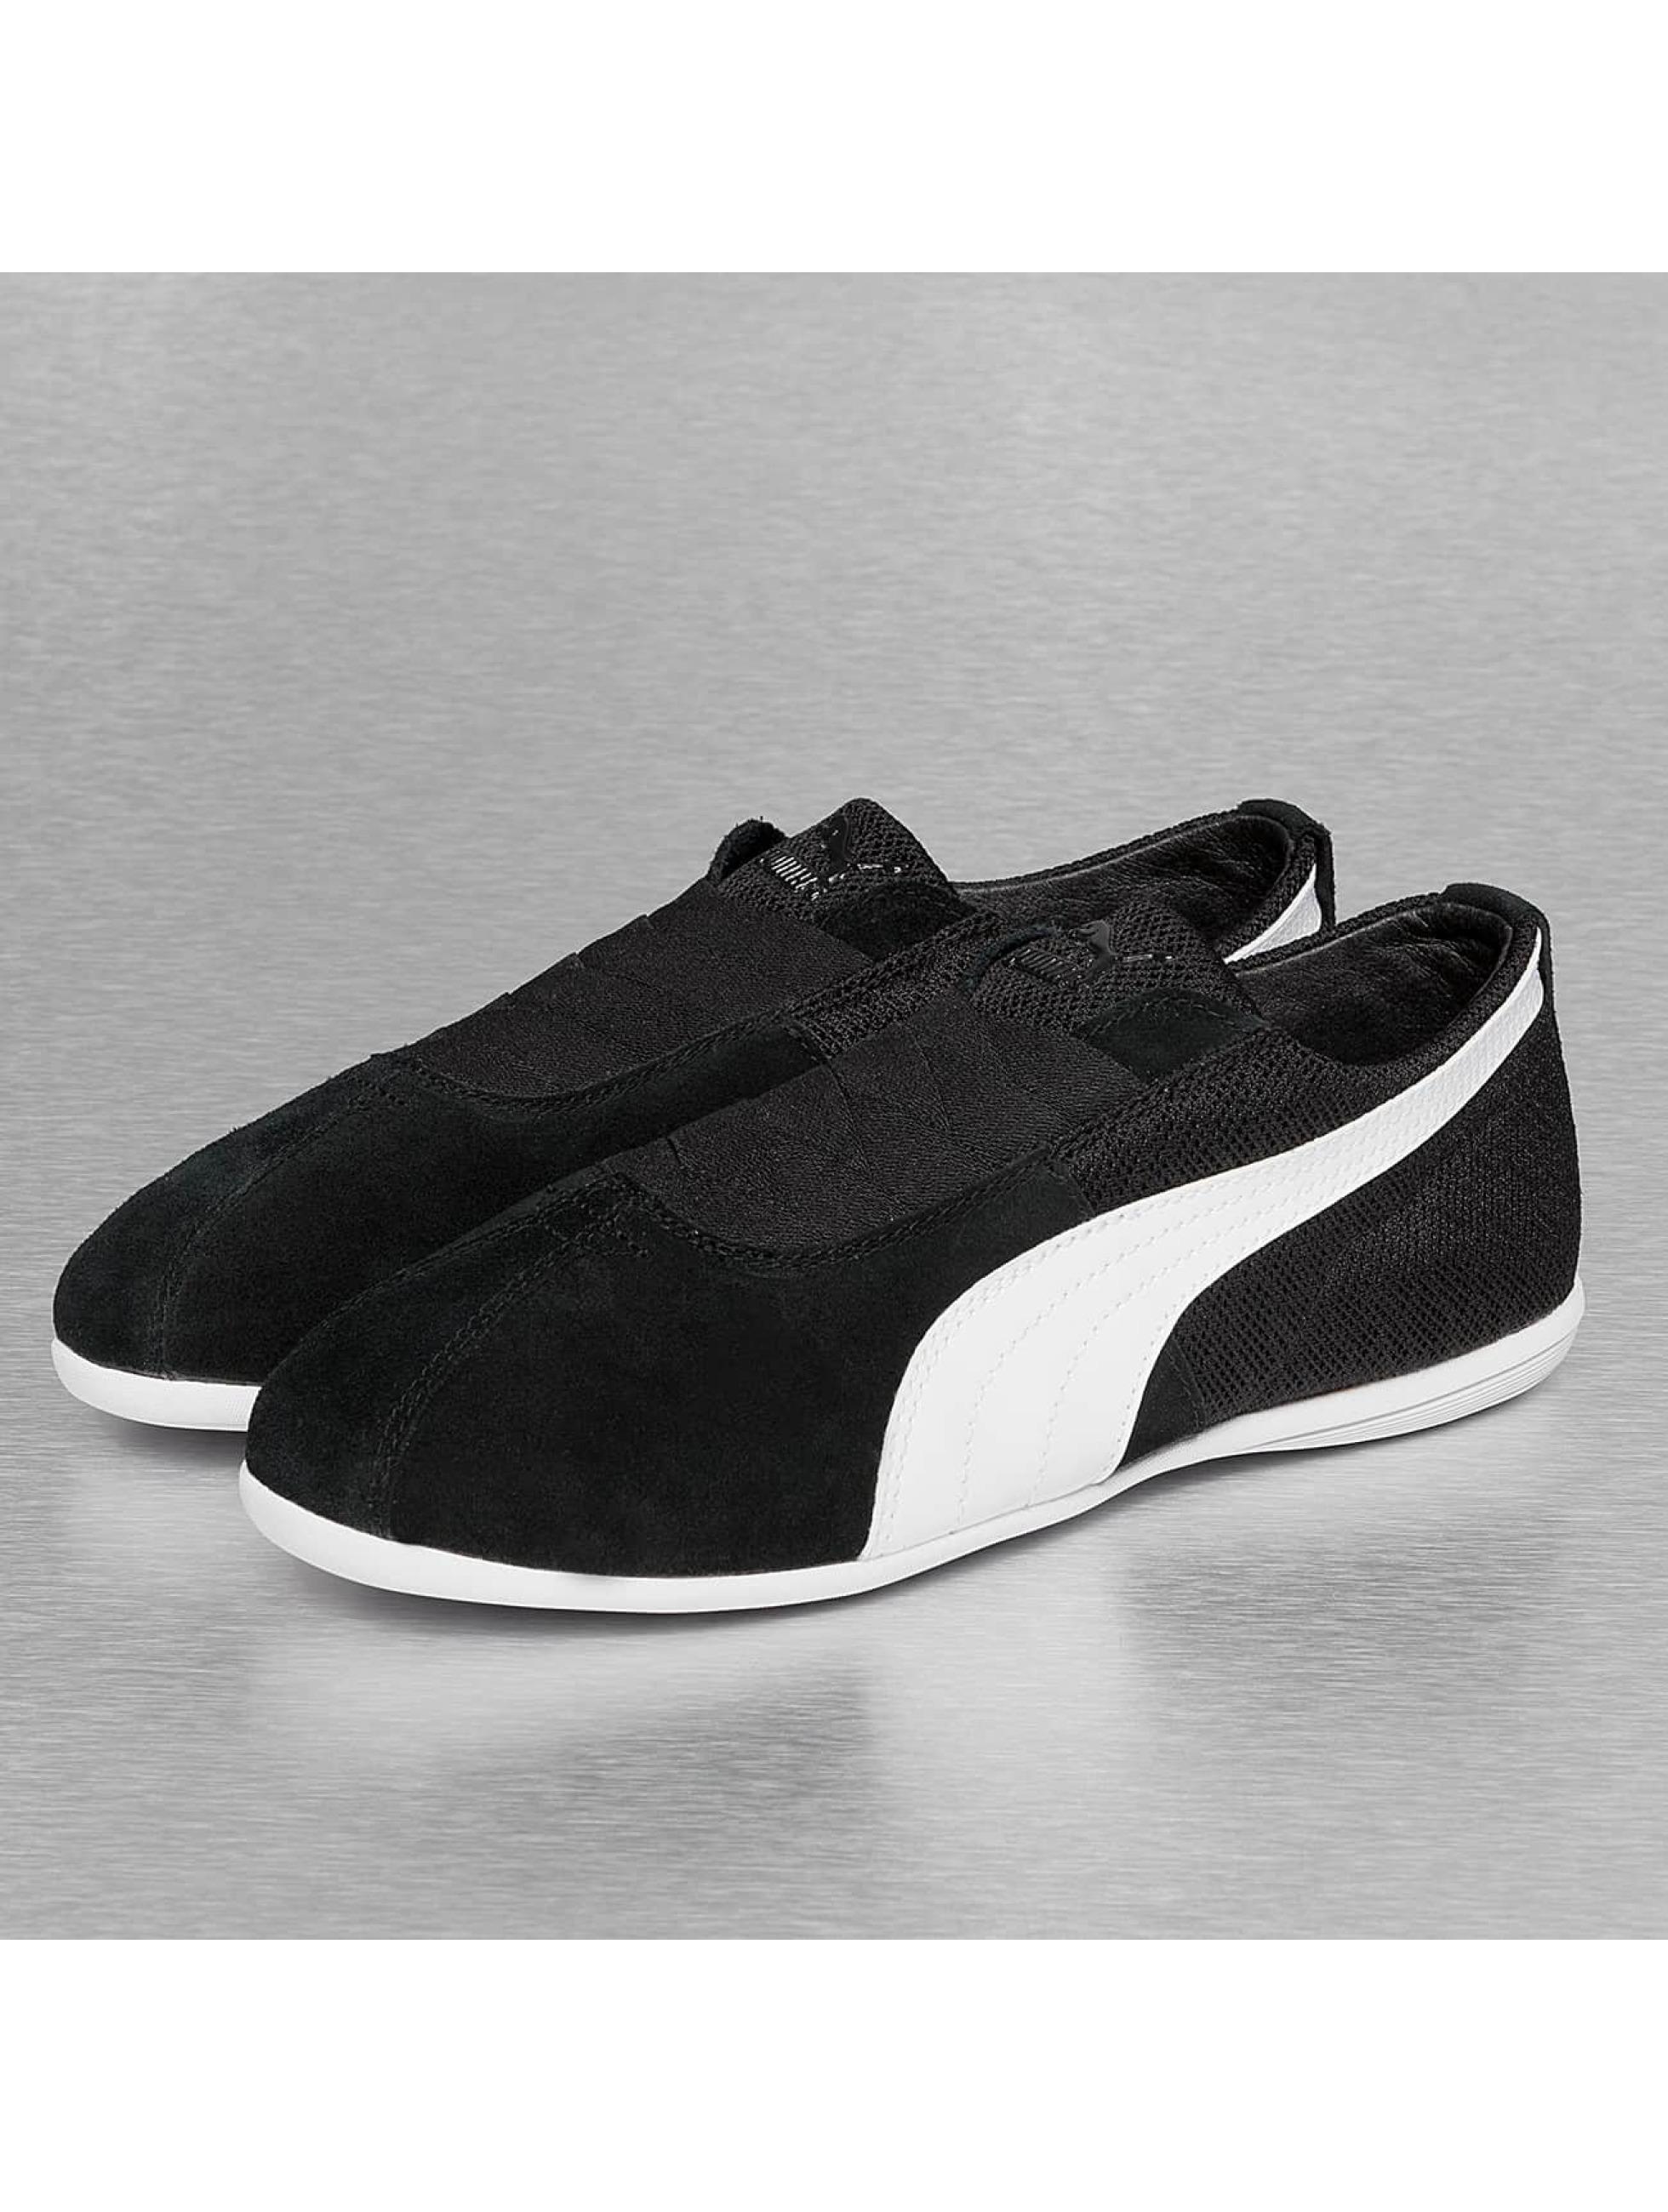 Puma Olkalaukku Musta : Puma keng?t eskiva low textured wn s tennarit musta